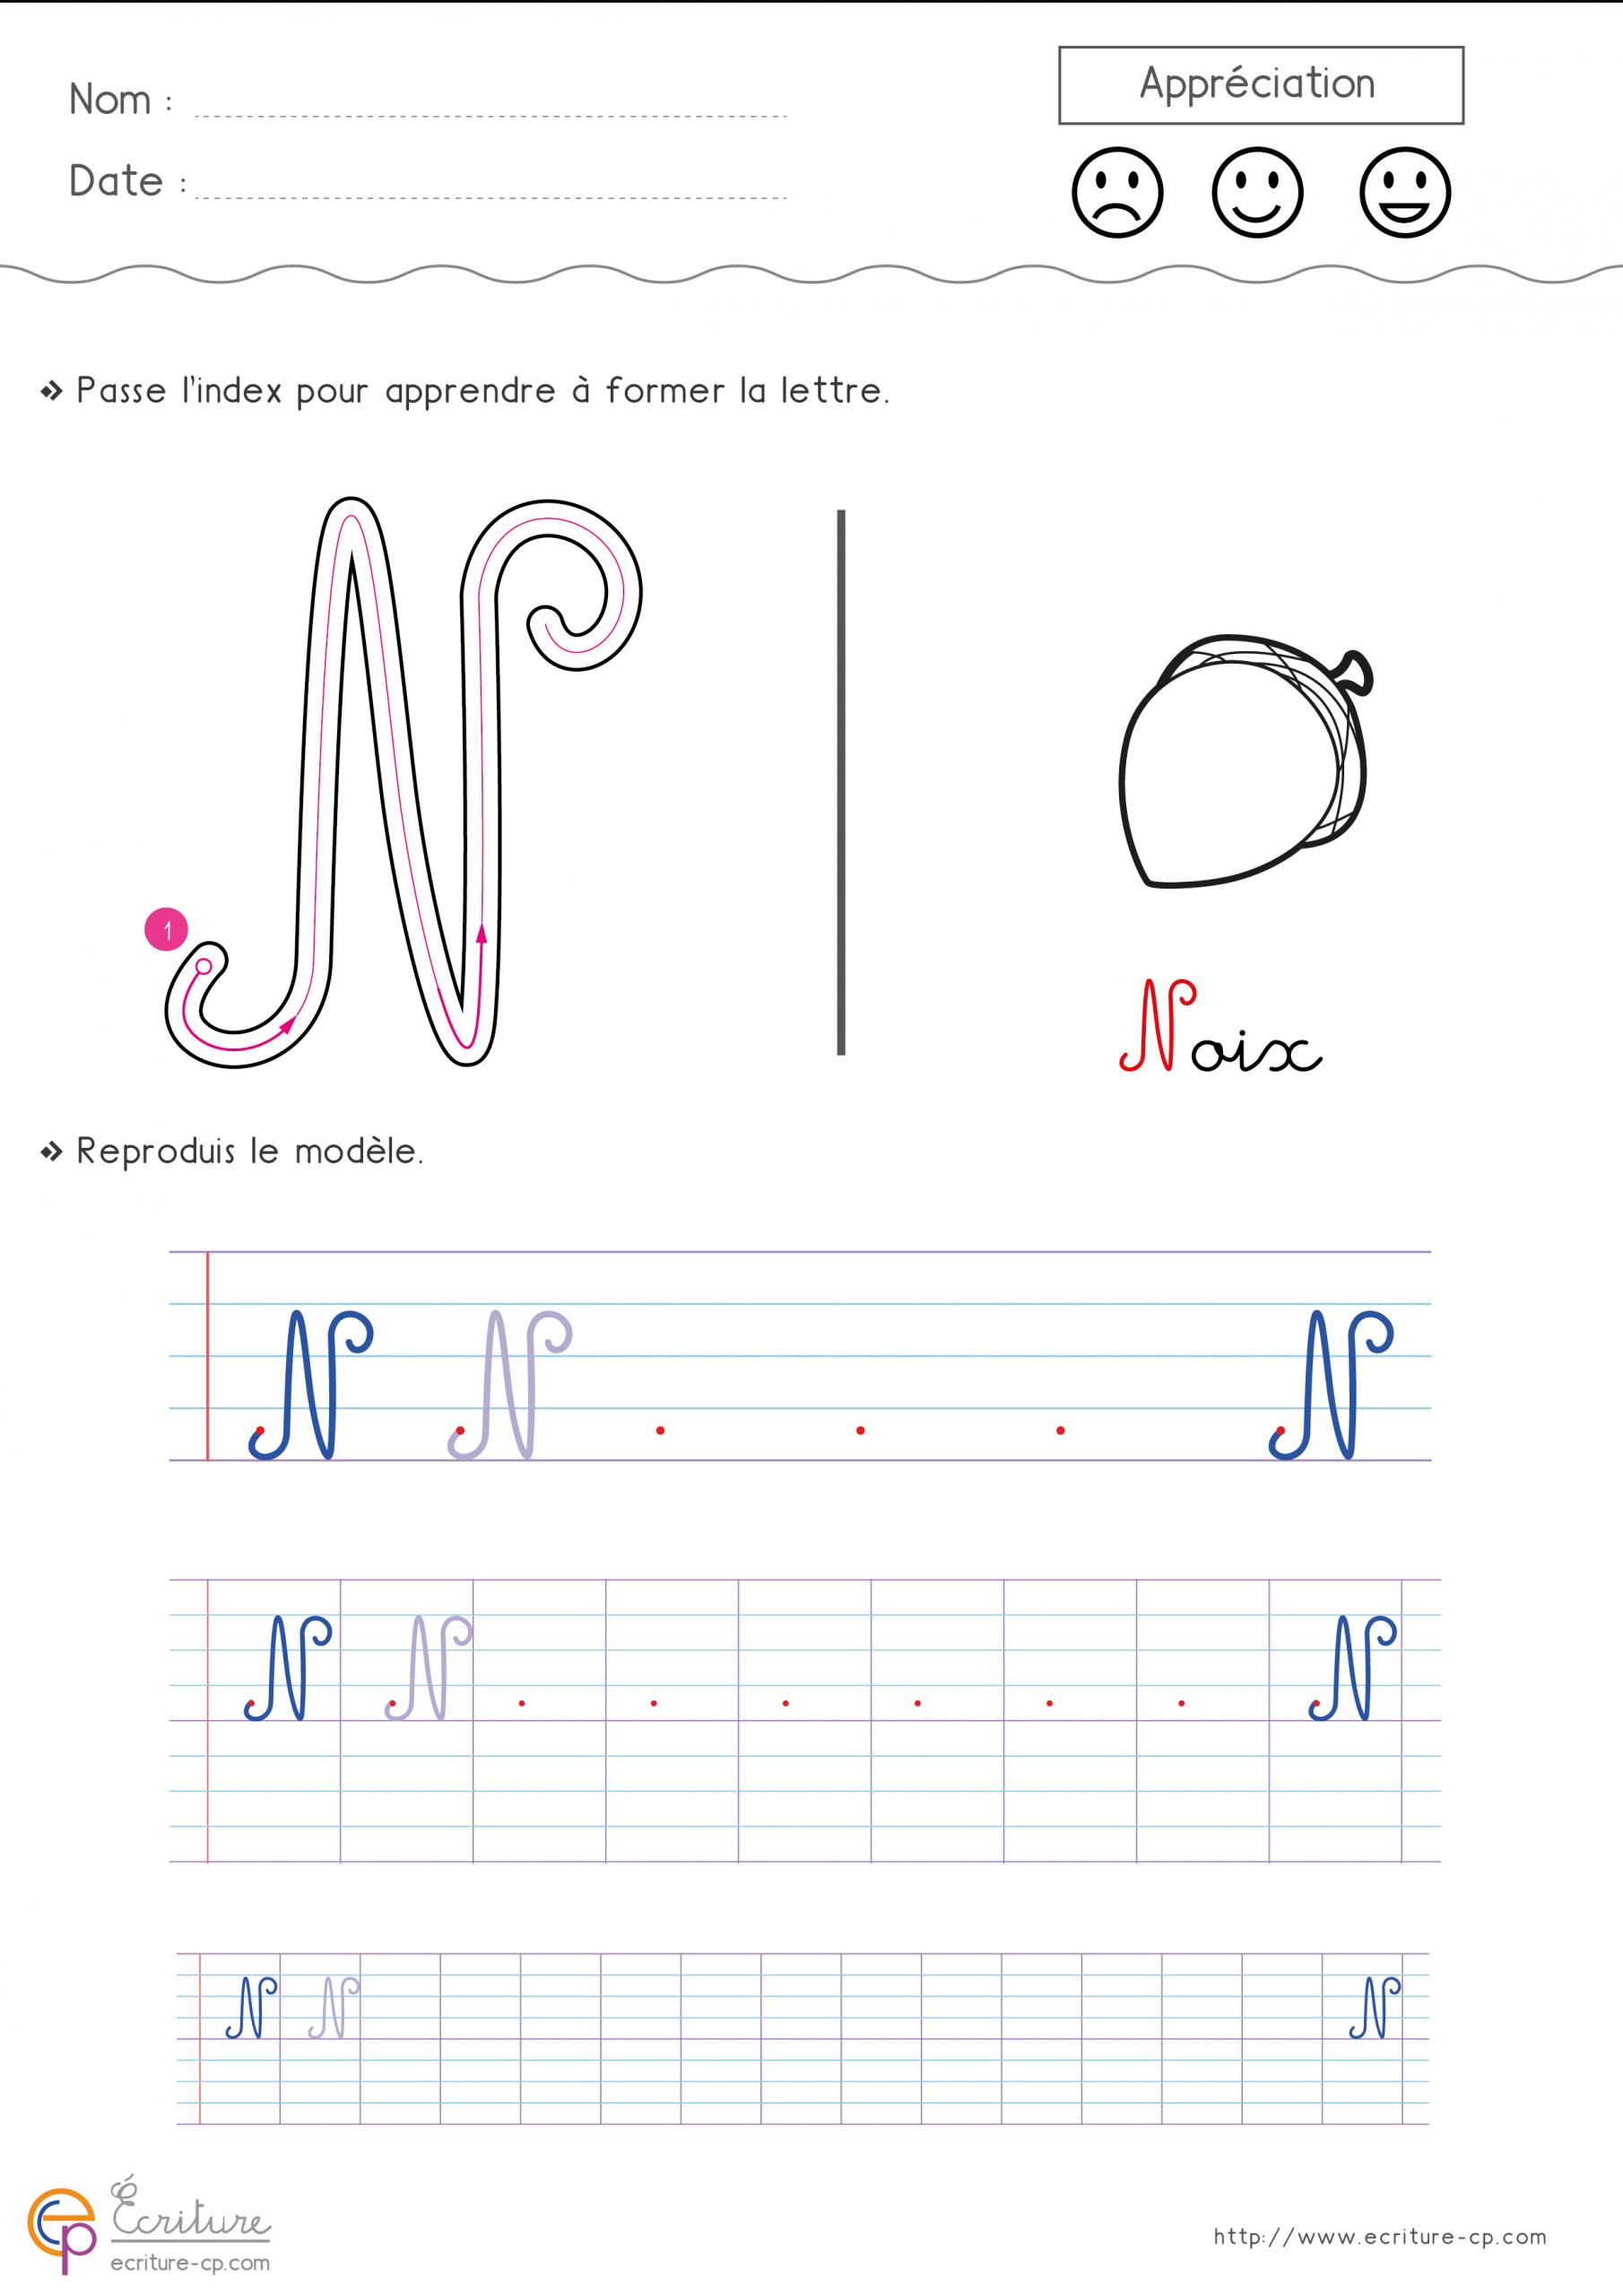 Écrire L'alphabet Majuscule Cursive Cp Ce1 | Fiche D dedans Ecriture En Majuscule